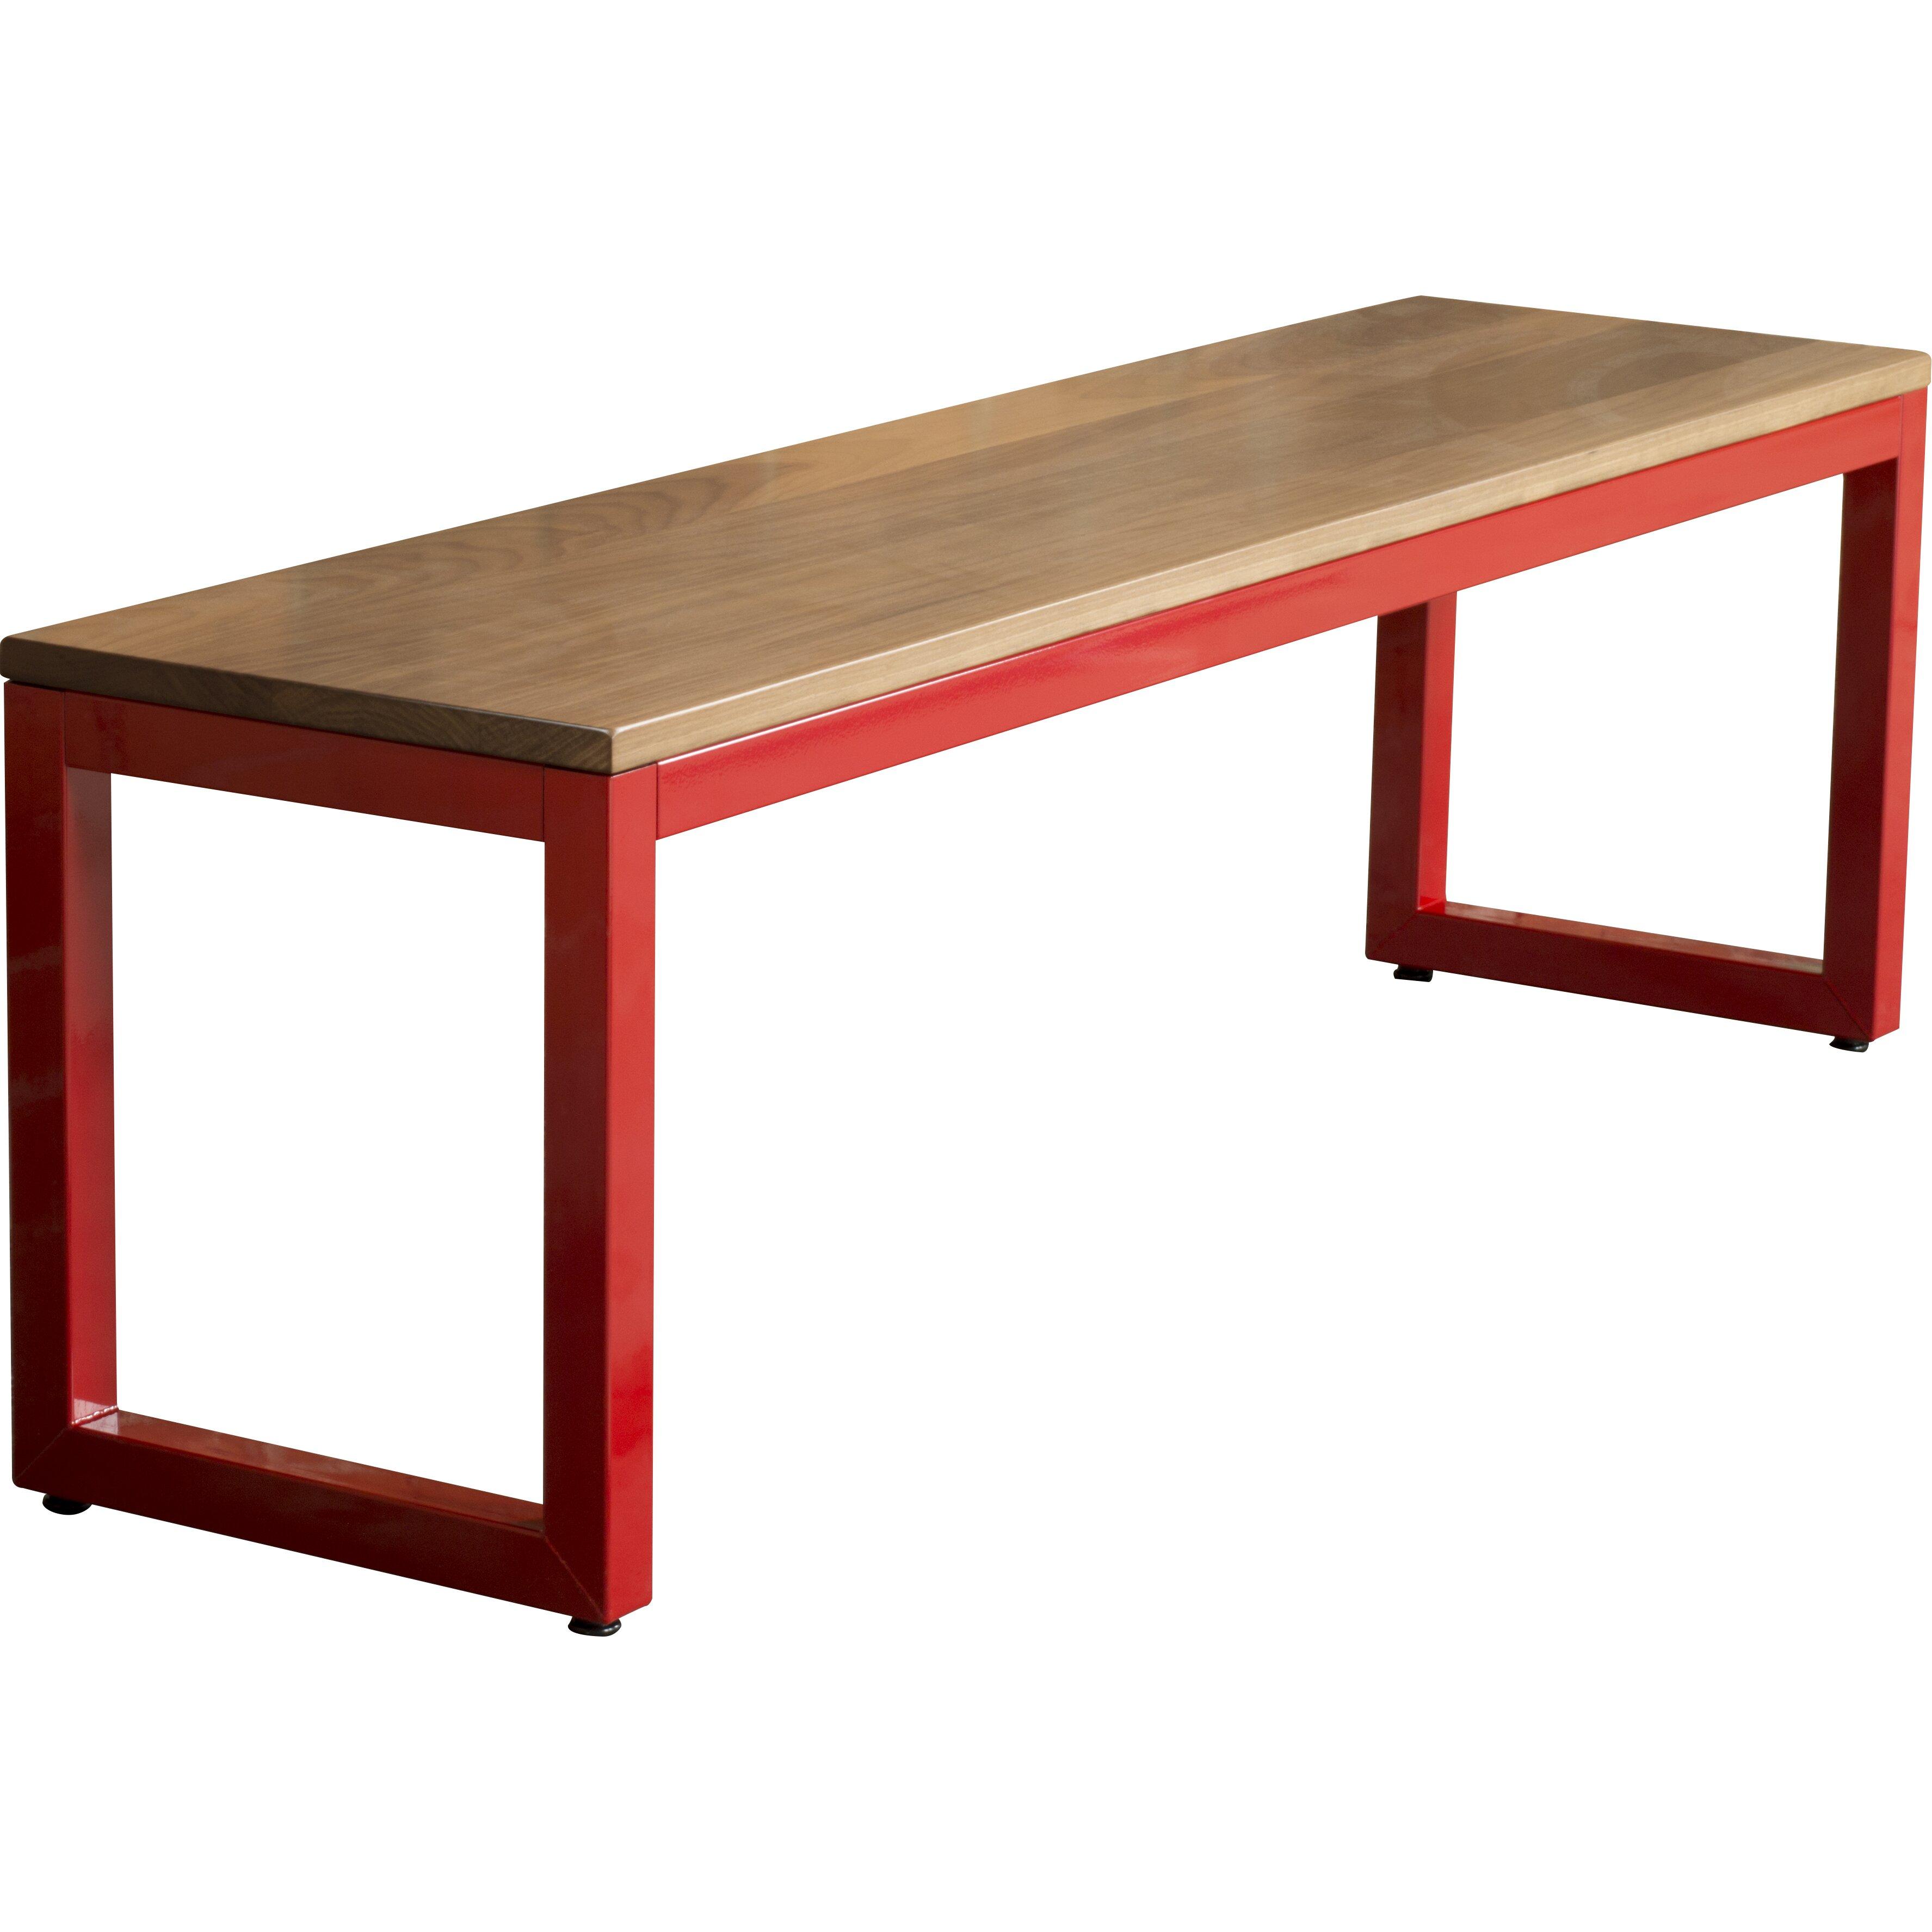 Metal Foyer Bench : Elan furniture loft metal and wood entryway bench